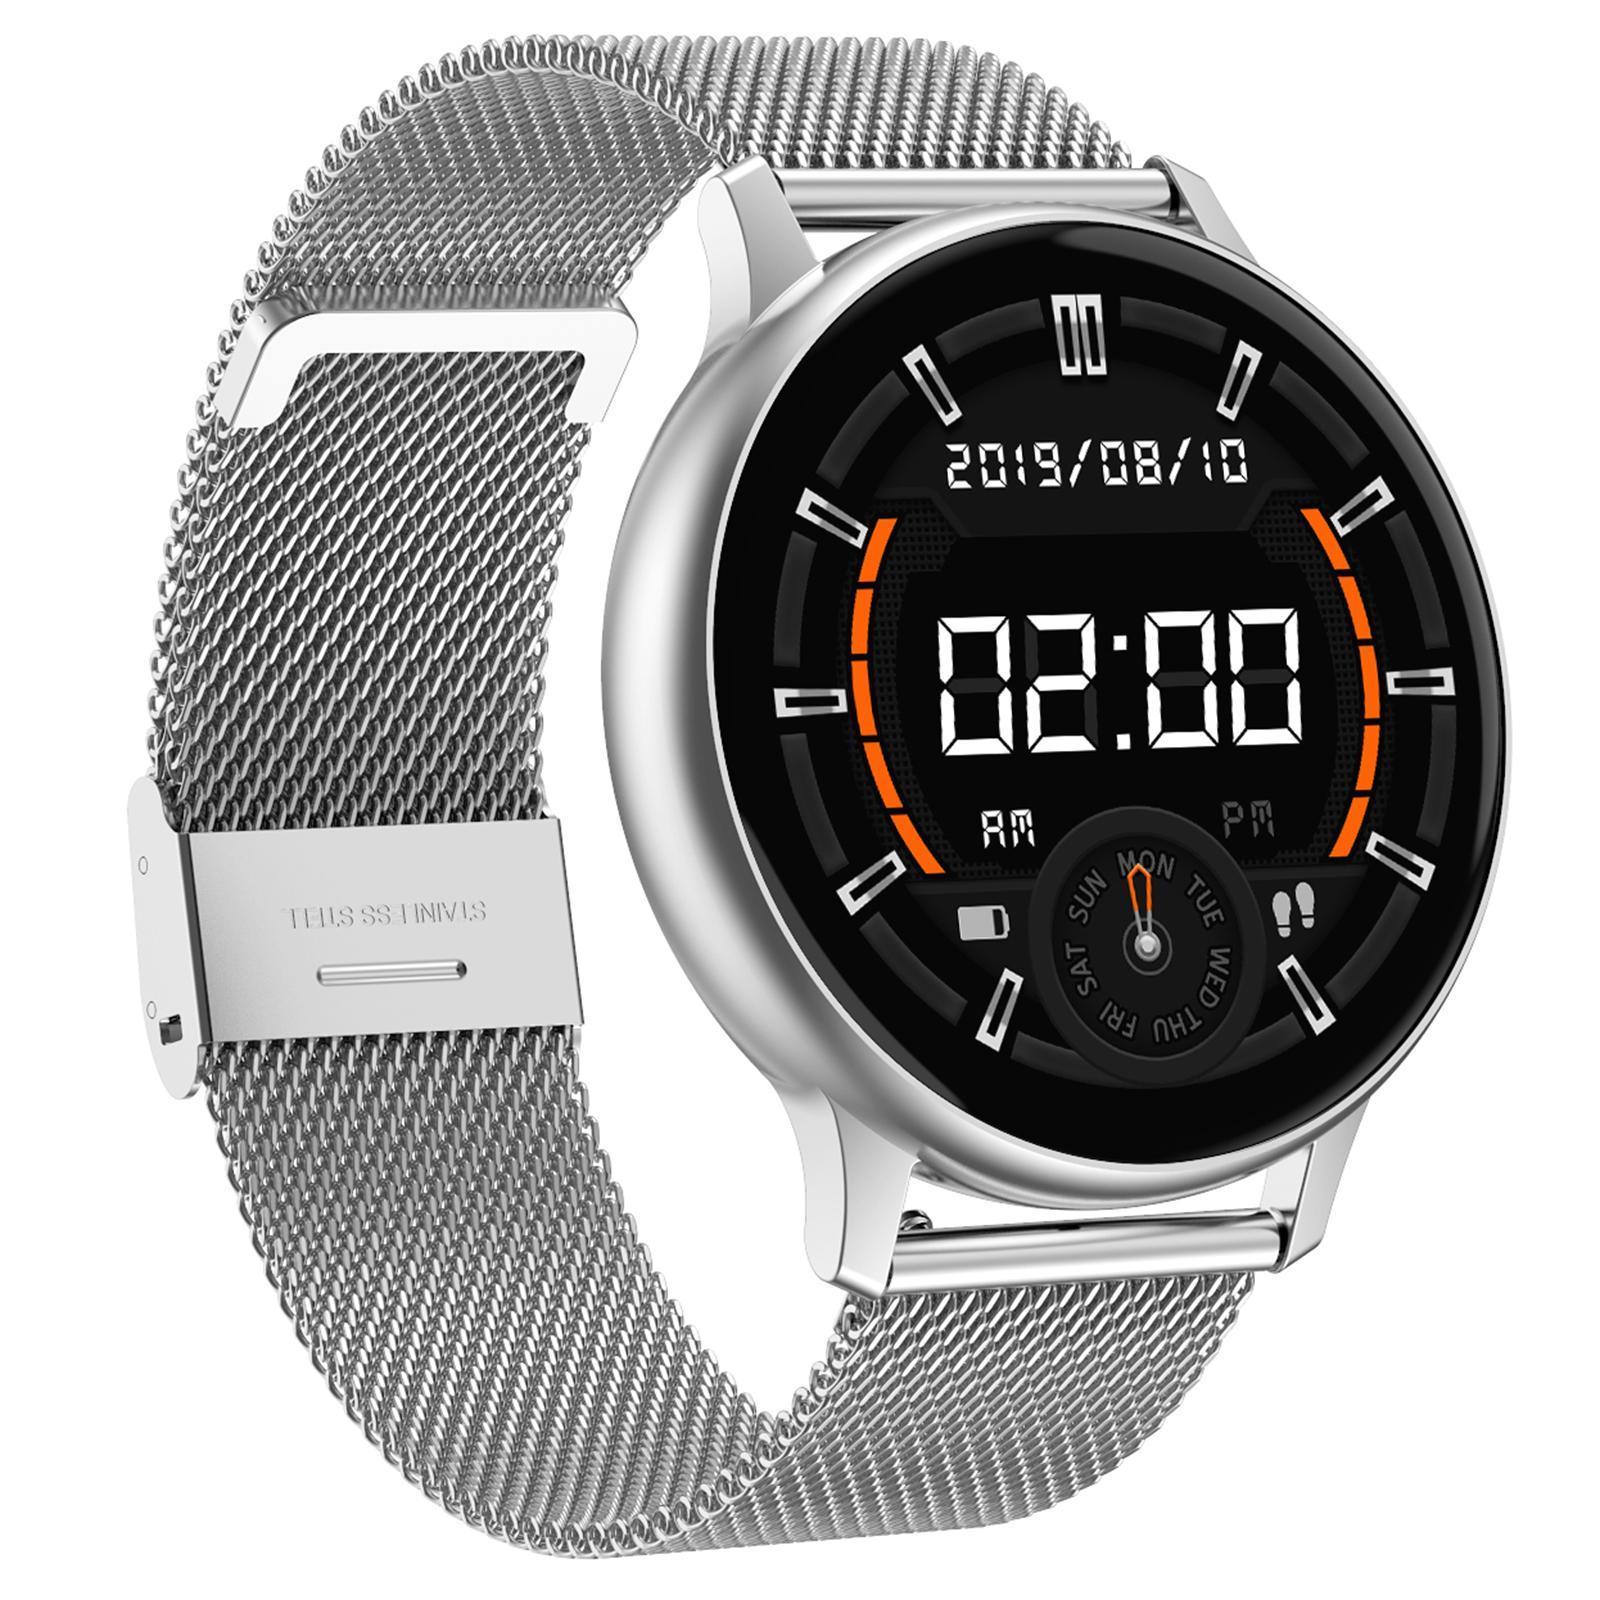 Indexbild 44 - Neue DT88 PRO Smart Uhr Herzfrequenz EKG Monitor Smartwatch für IOS Android